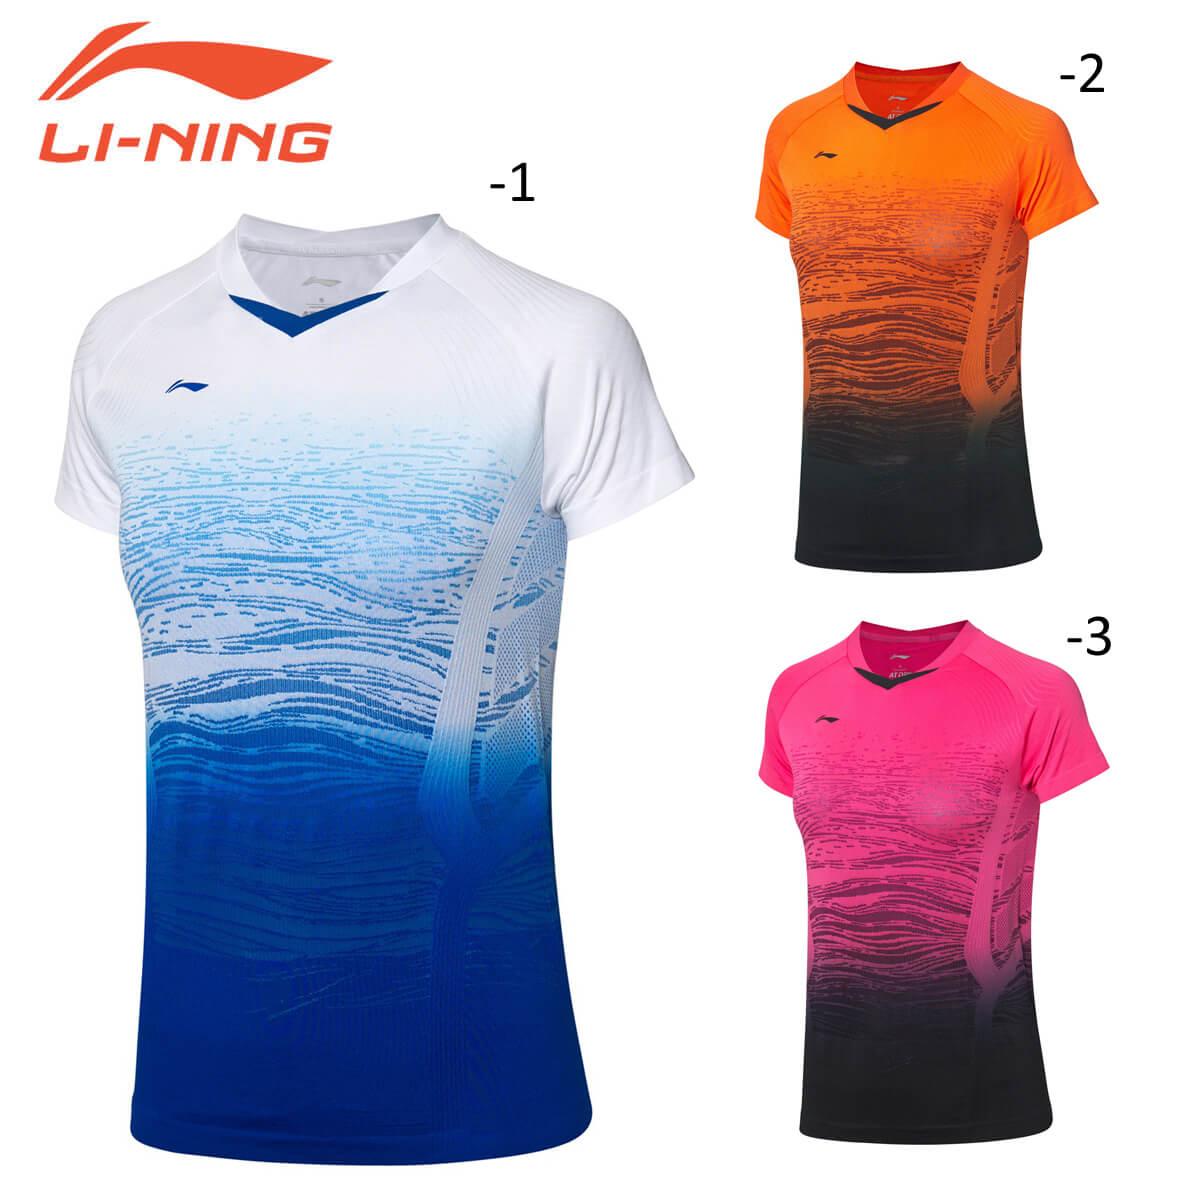 LI-NING AAYP118 中国ナショナルチーム 卸直営 ゲームシャツ メール便可 リーニン レディース アイテム勢ぞろい バドミントンウェア